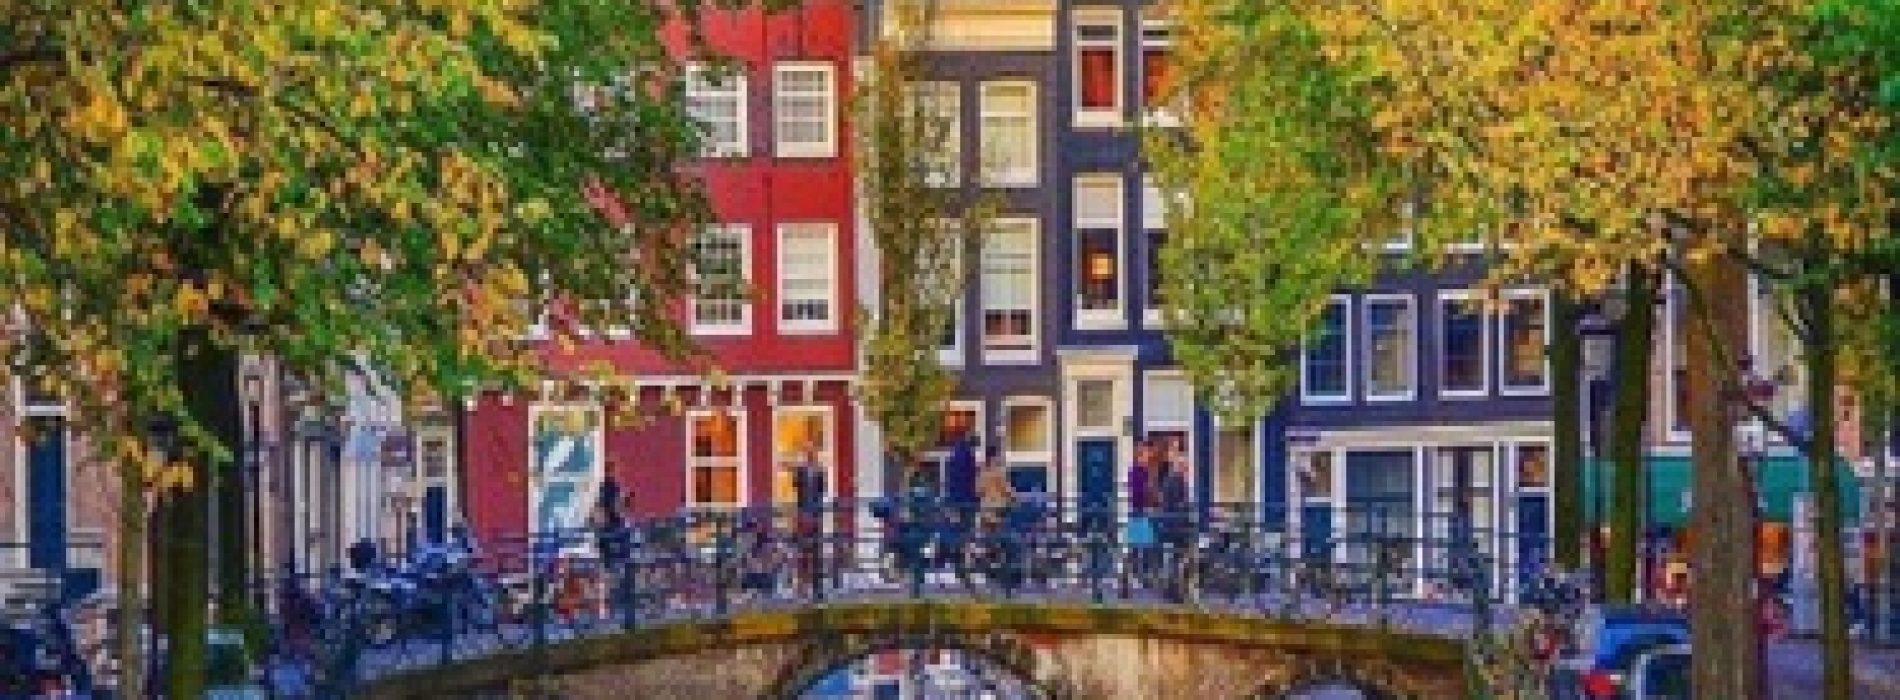 Amsterdam'da Bedava Yapabileceğiniz 10 Güzel Aktivite